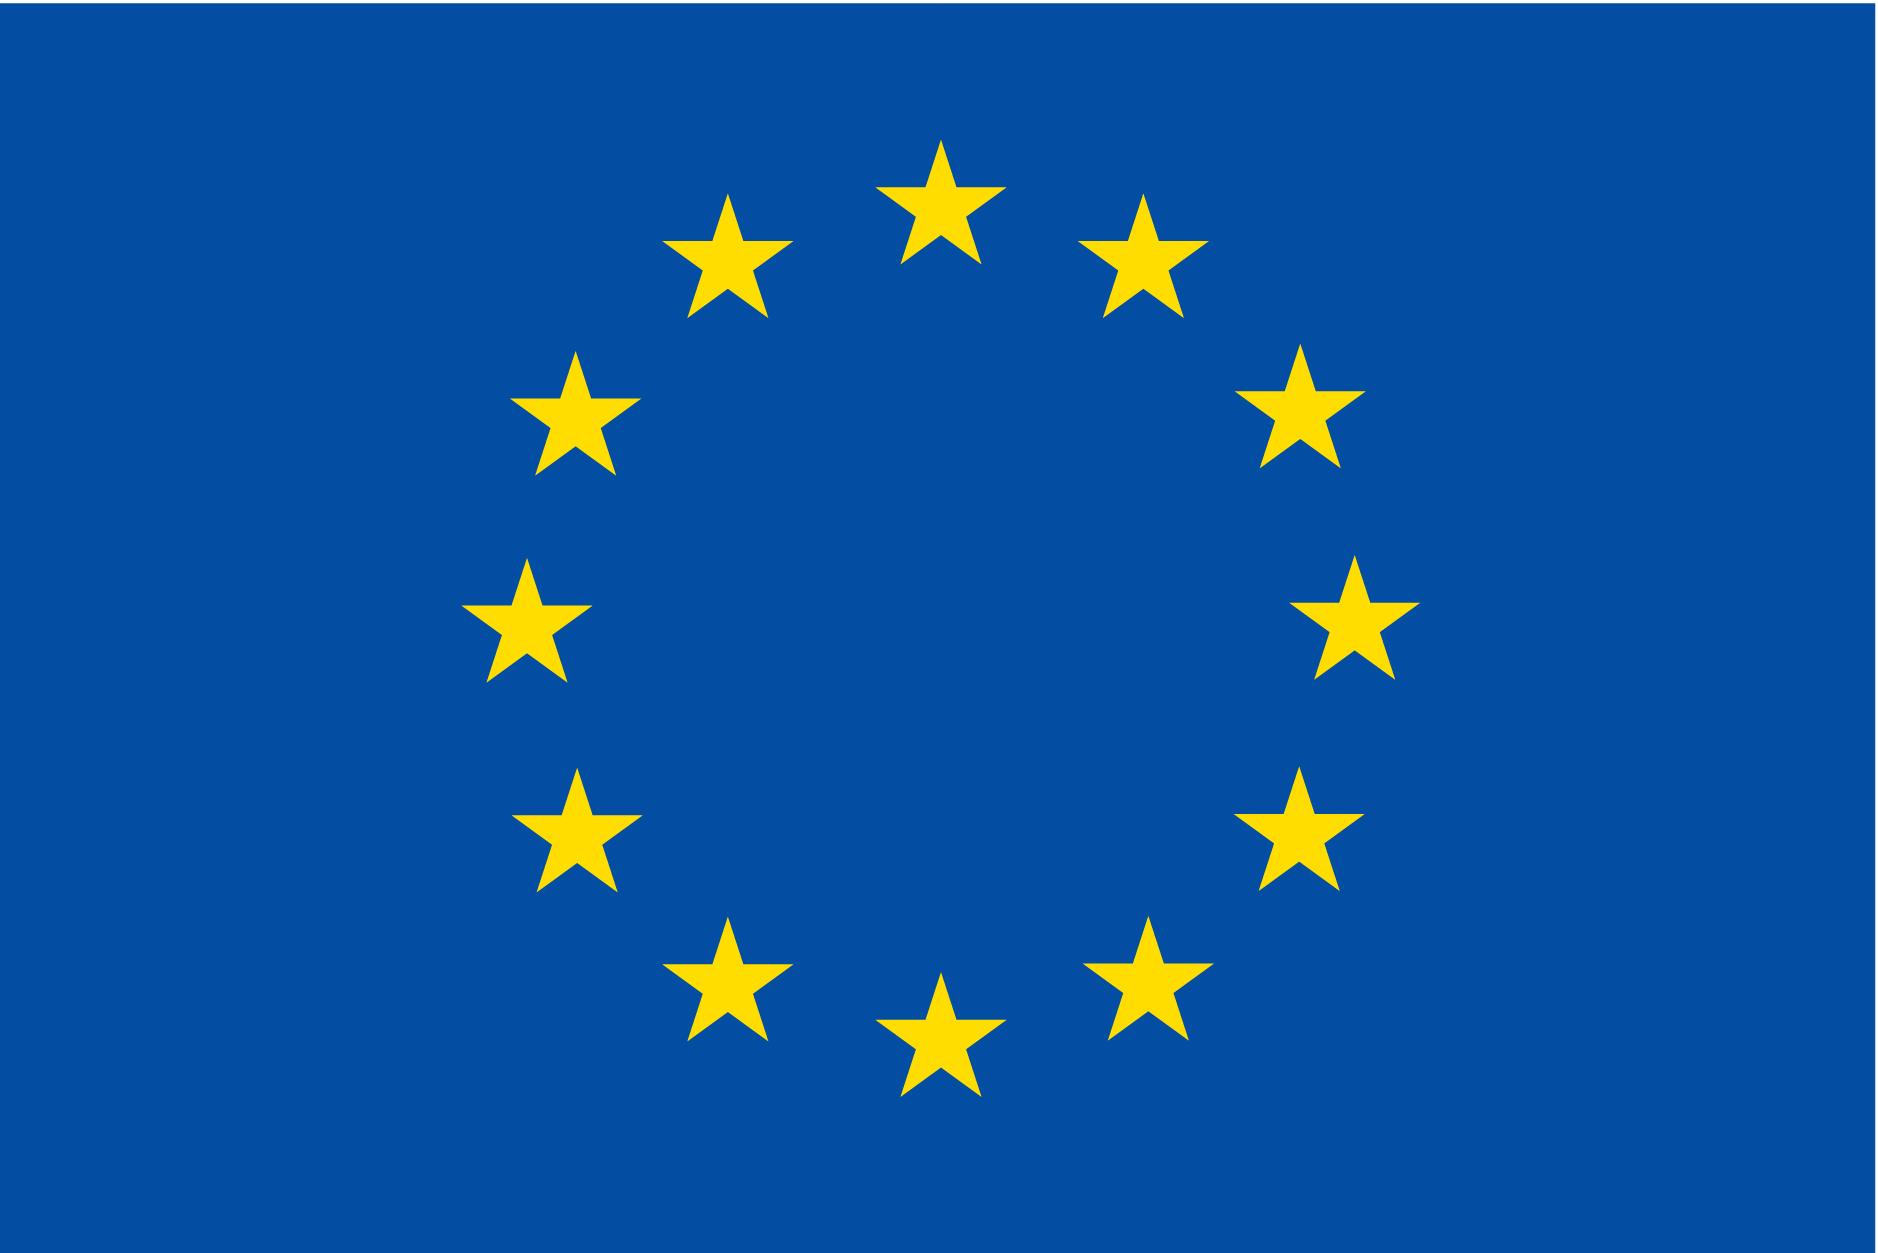 Un sondage met en lumière le pessimisme des Européens au sujet de l'UE (VIDÉO)